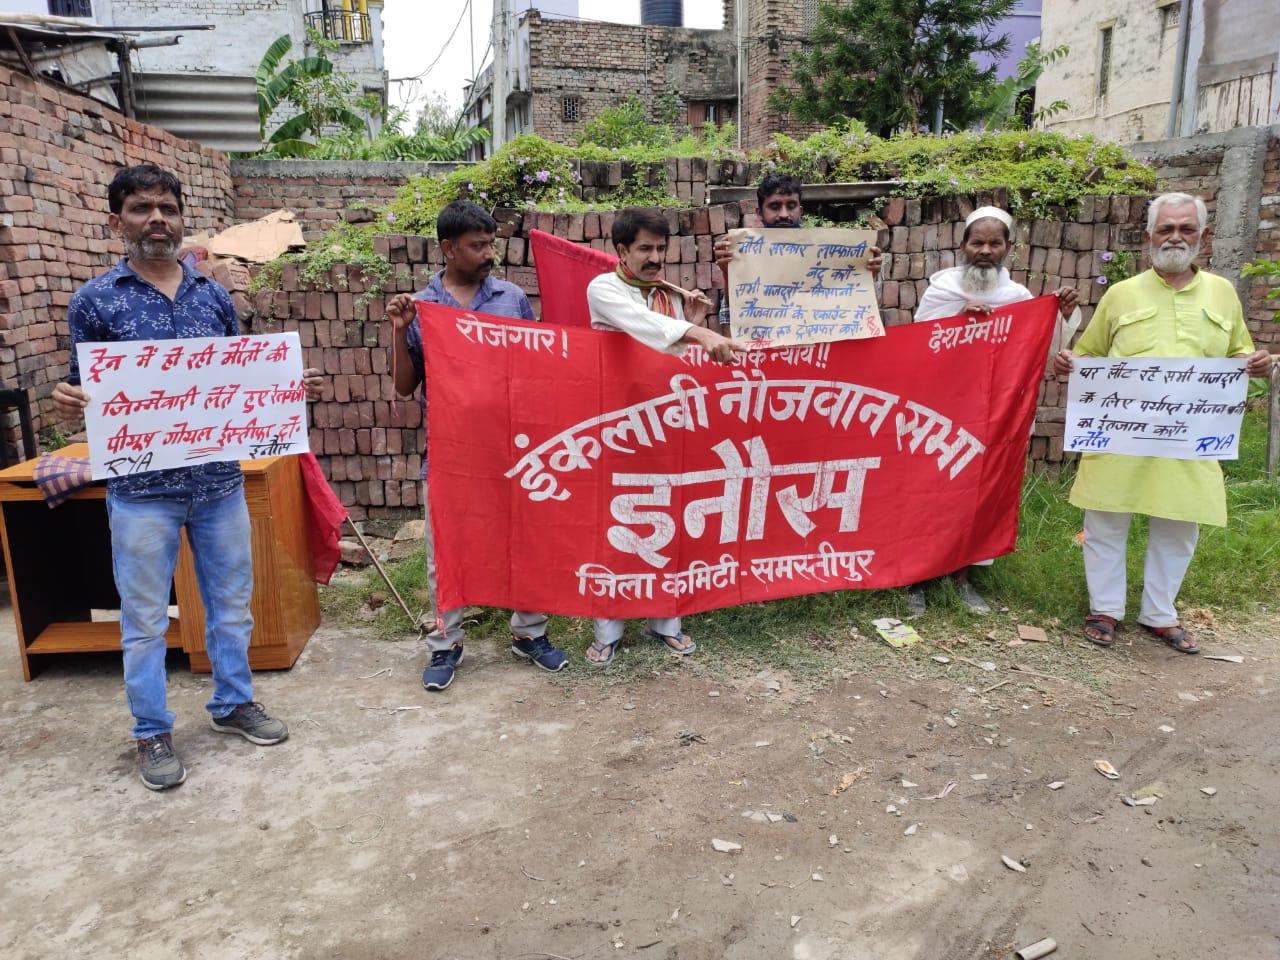 ट्रेनों में हो रहीं प्रवासी मजदूरों की मौतों के खिलाफ़ इनौस कार्यकर्ताओं  ने धरना- प्रदर्शन किया